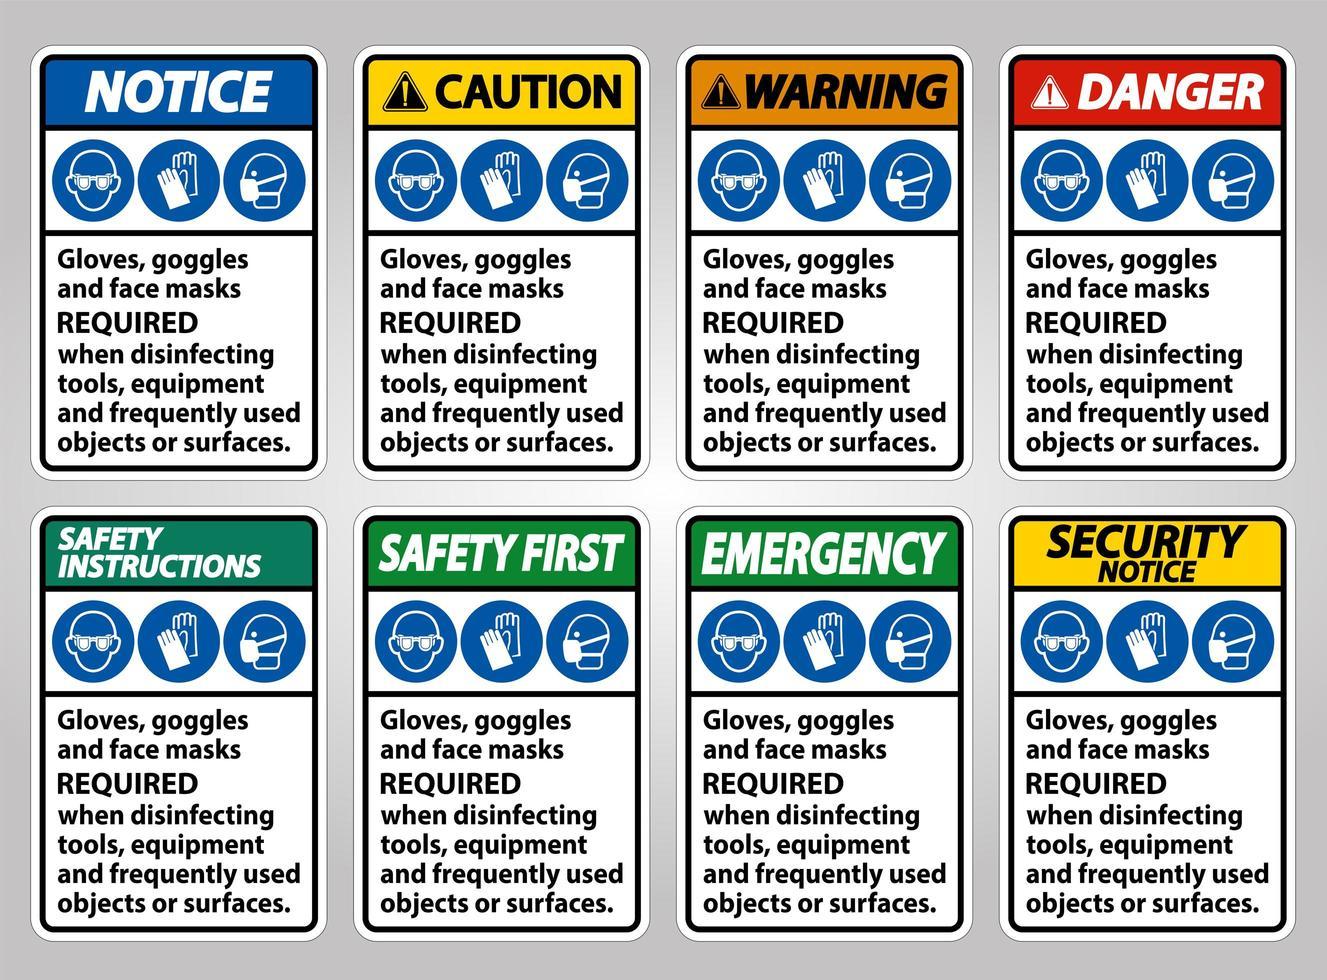 équipement de protection requis collection de panneaux vecteur